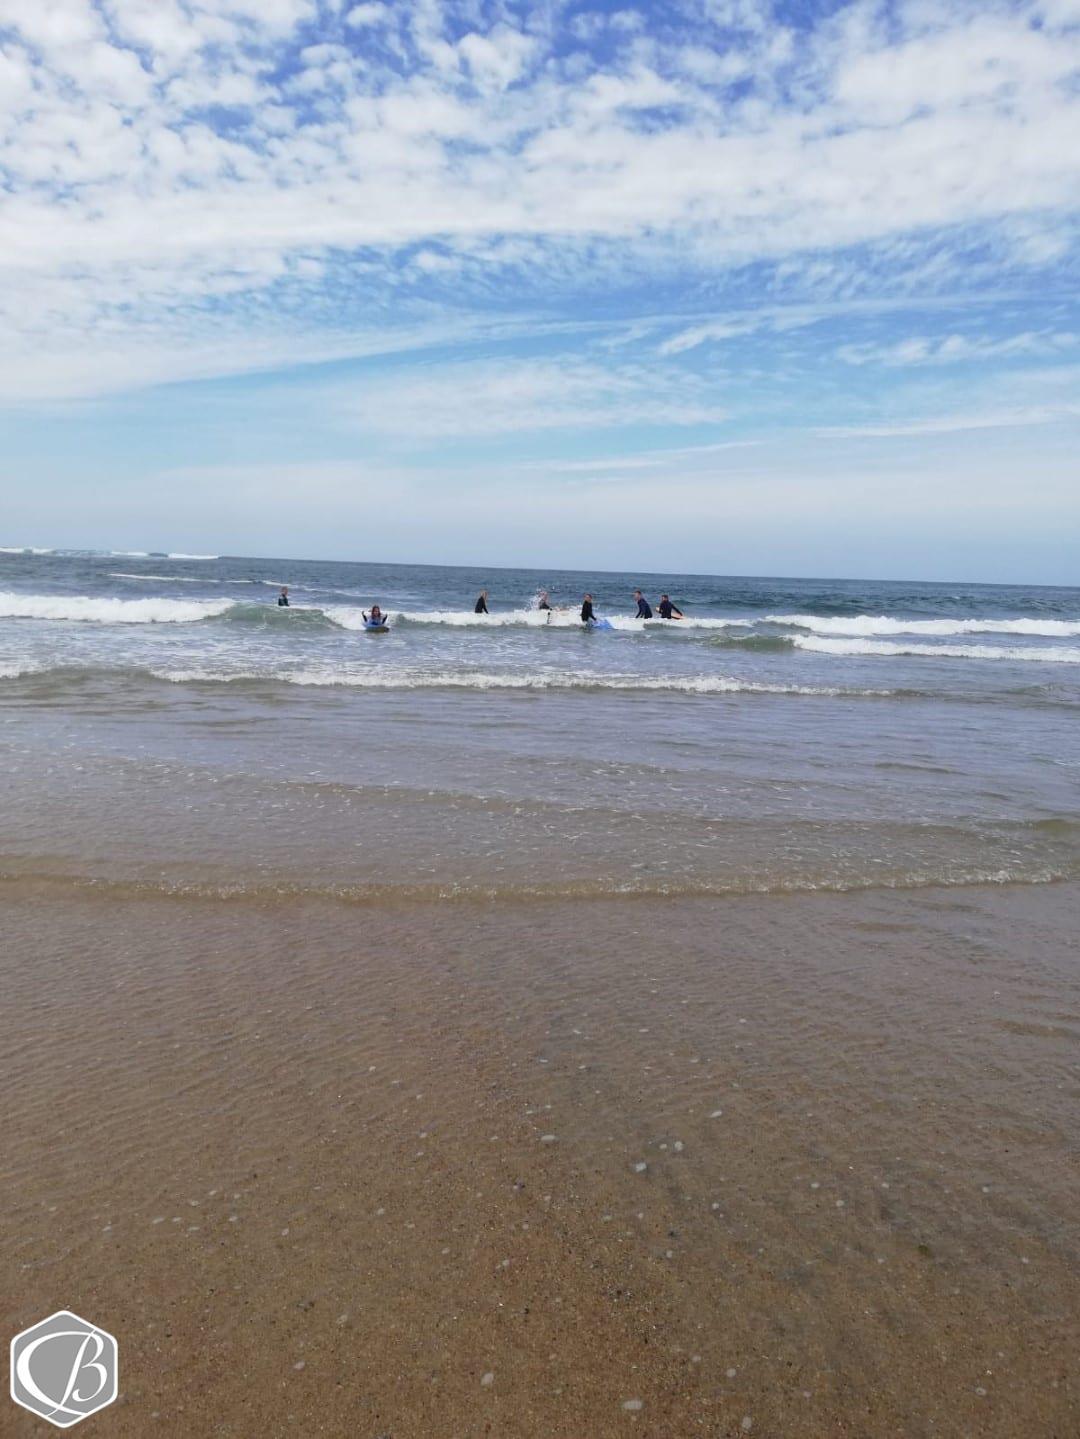 Portugal Moledo Fitnessreise Sufen Wellenreiten Meer